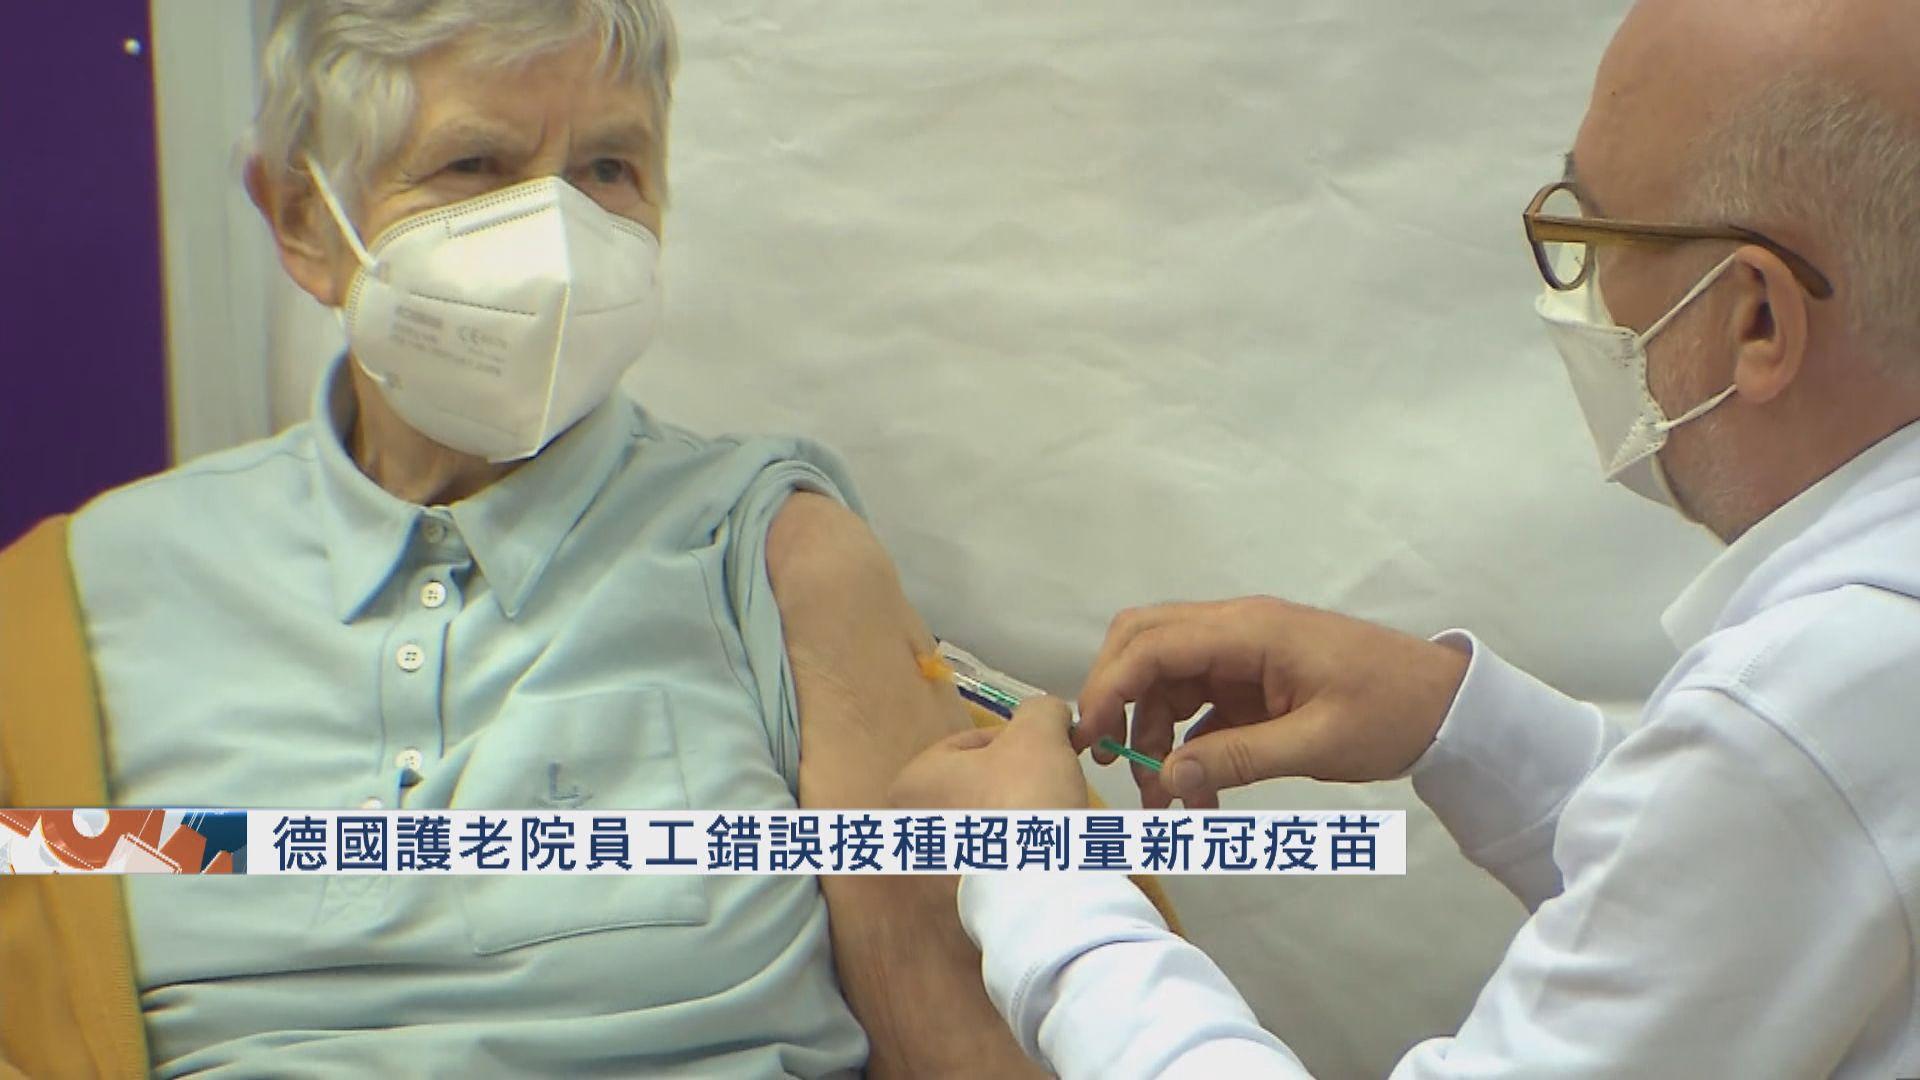 德國護老院員工錯誤接種超劑量新冠疫苗 暫無嚴重副作用